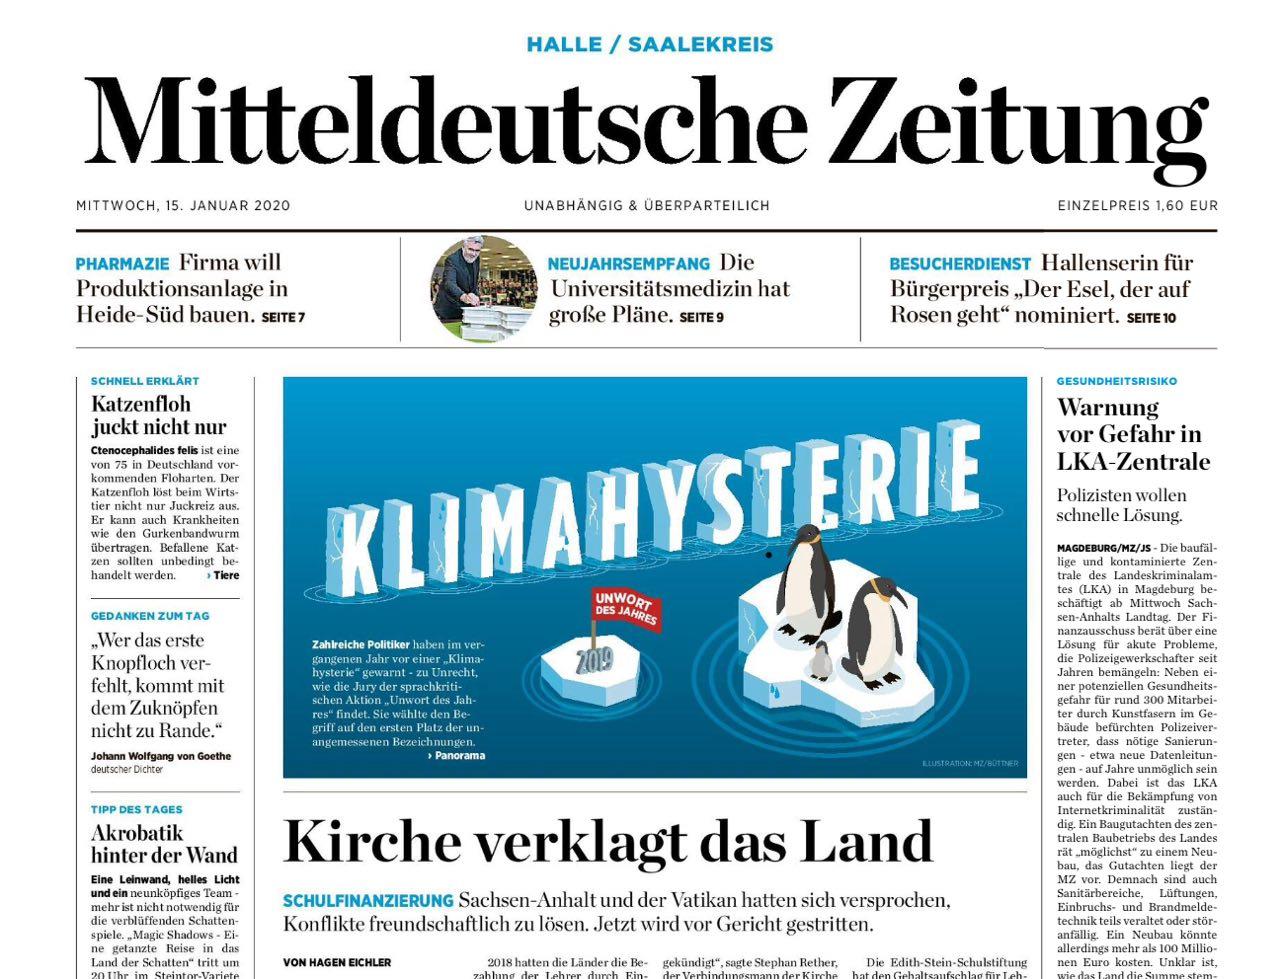 Mz Zeitung